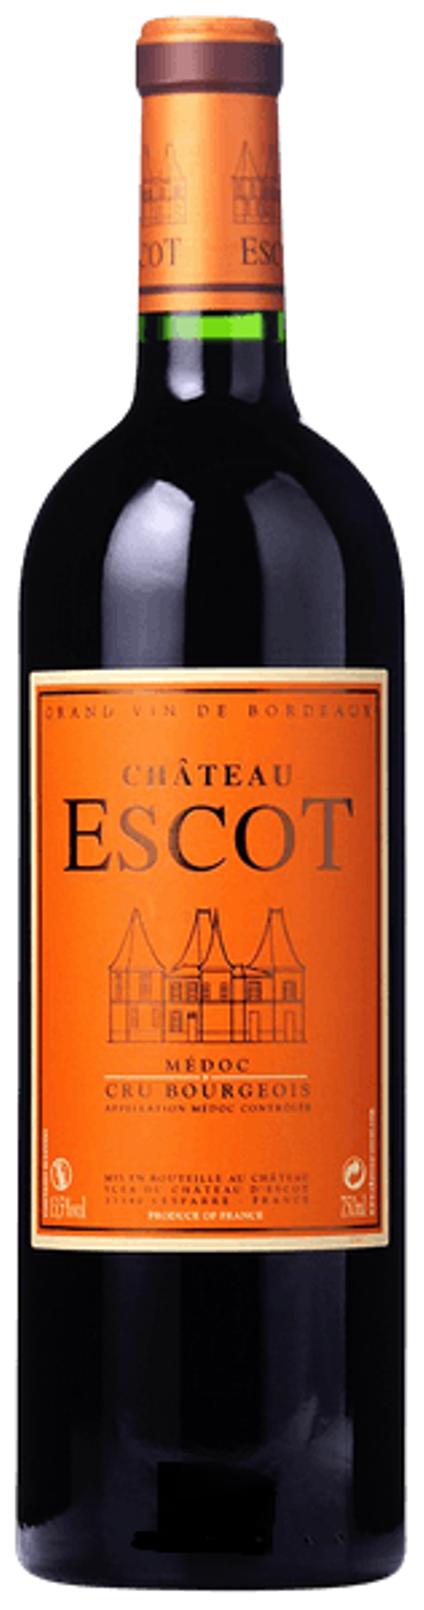 Chateau Escot AOC 2015, 1,5l Magnum, Medoc